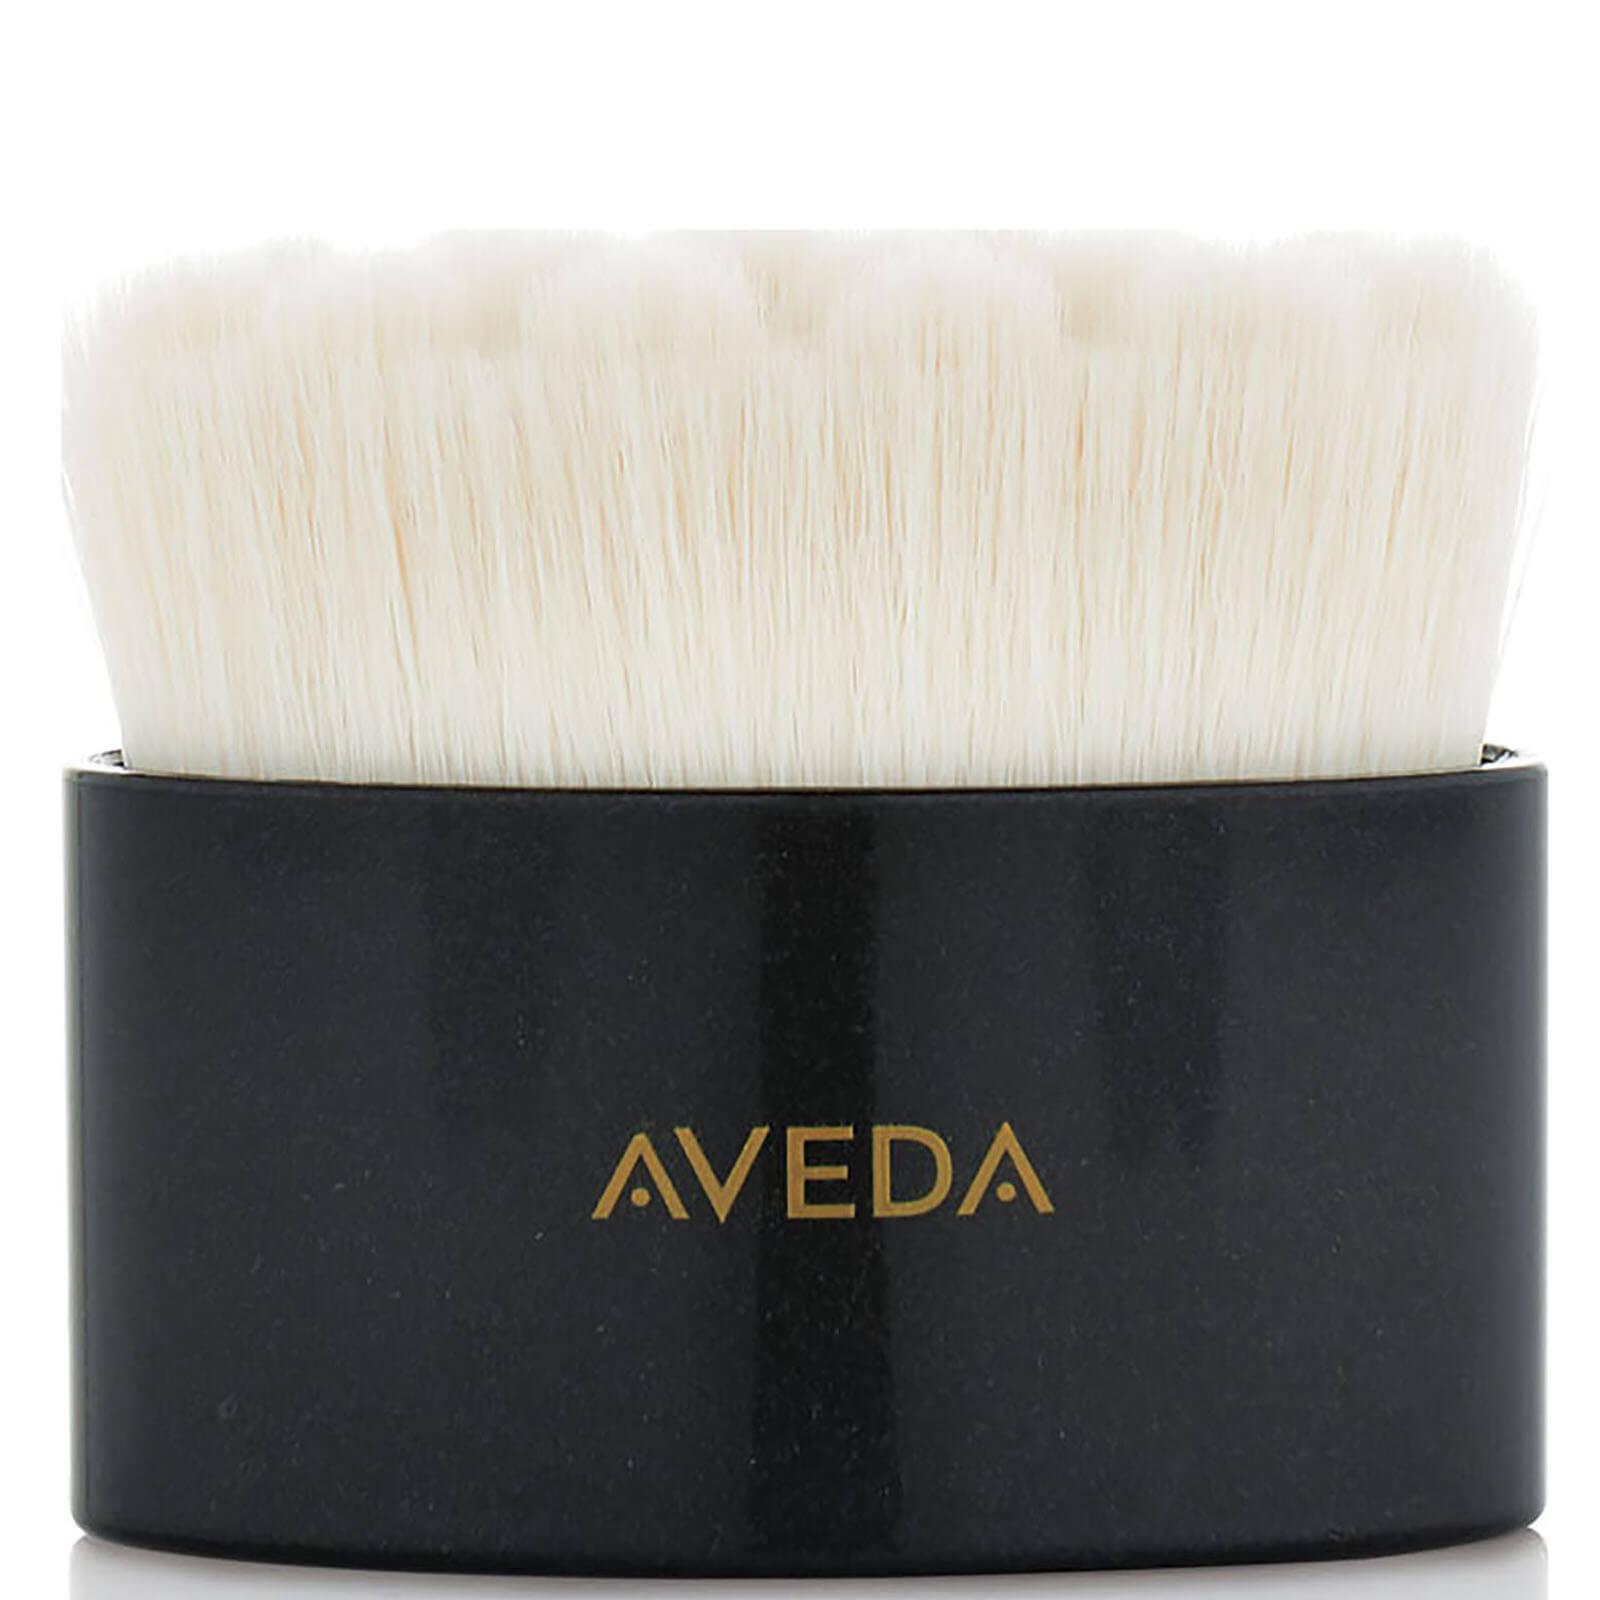 Aveda Tulasāra™ Facial Dry Brush